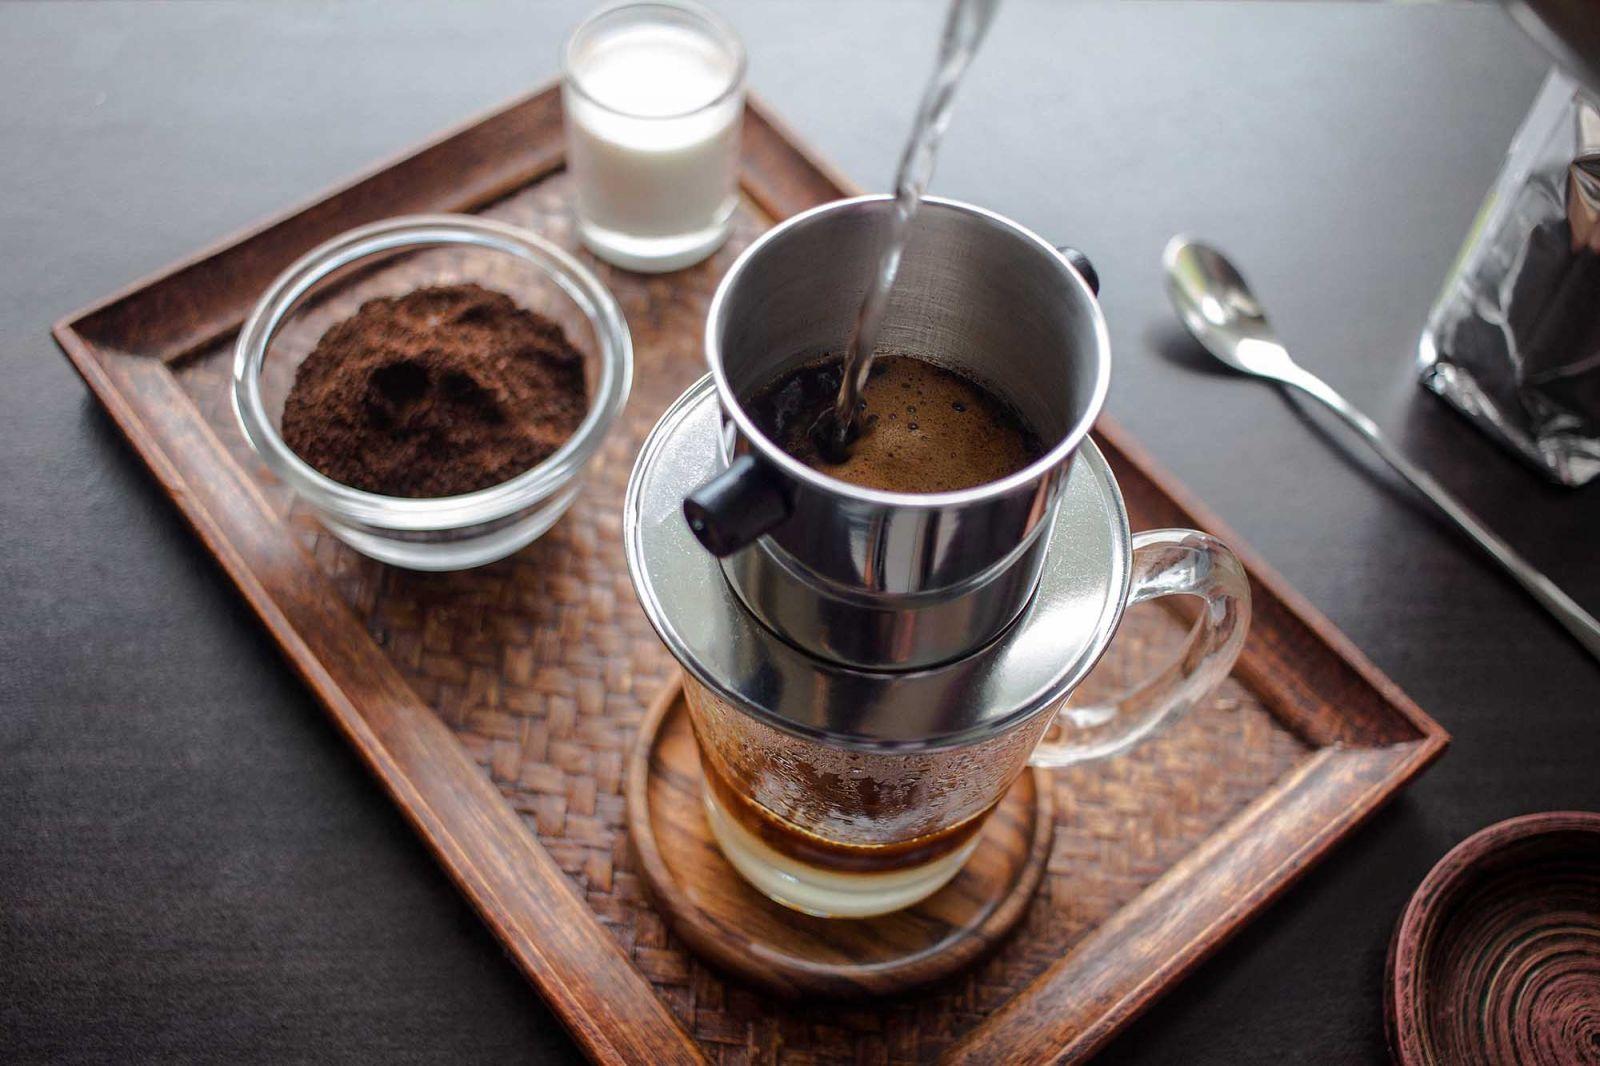 Cà phê phin là một trong những đồ uống độc, lạ